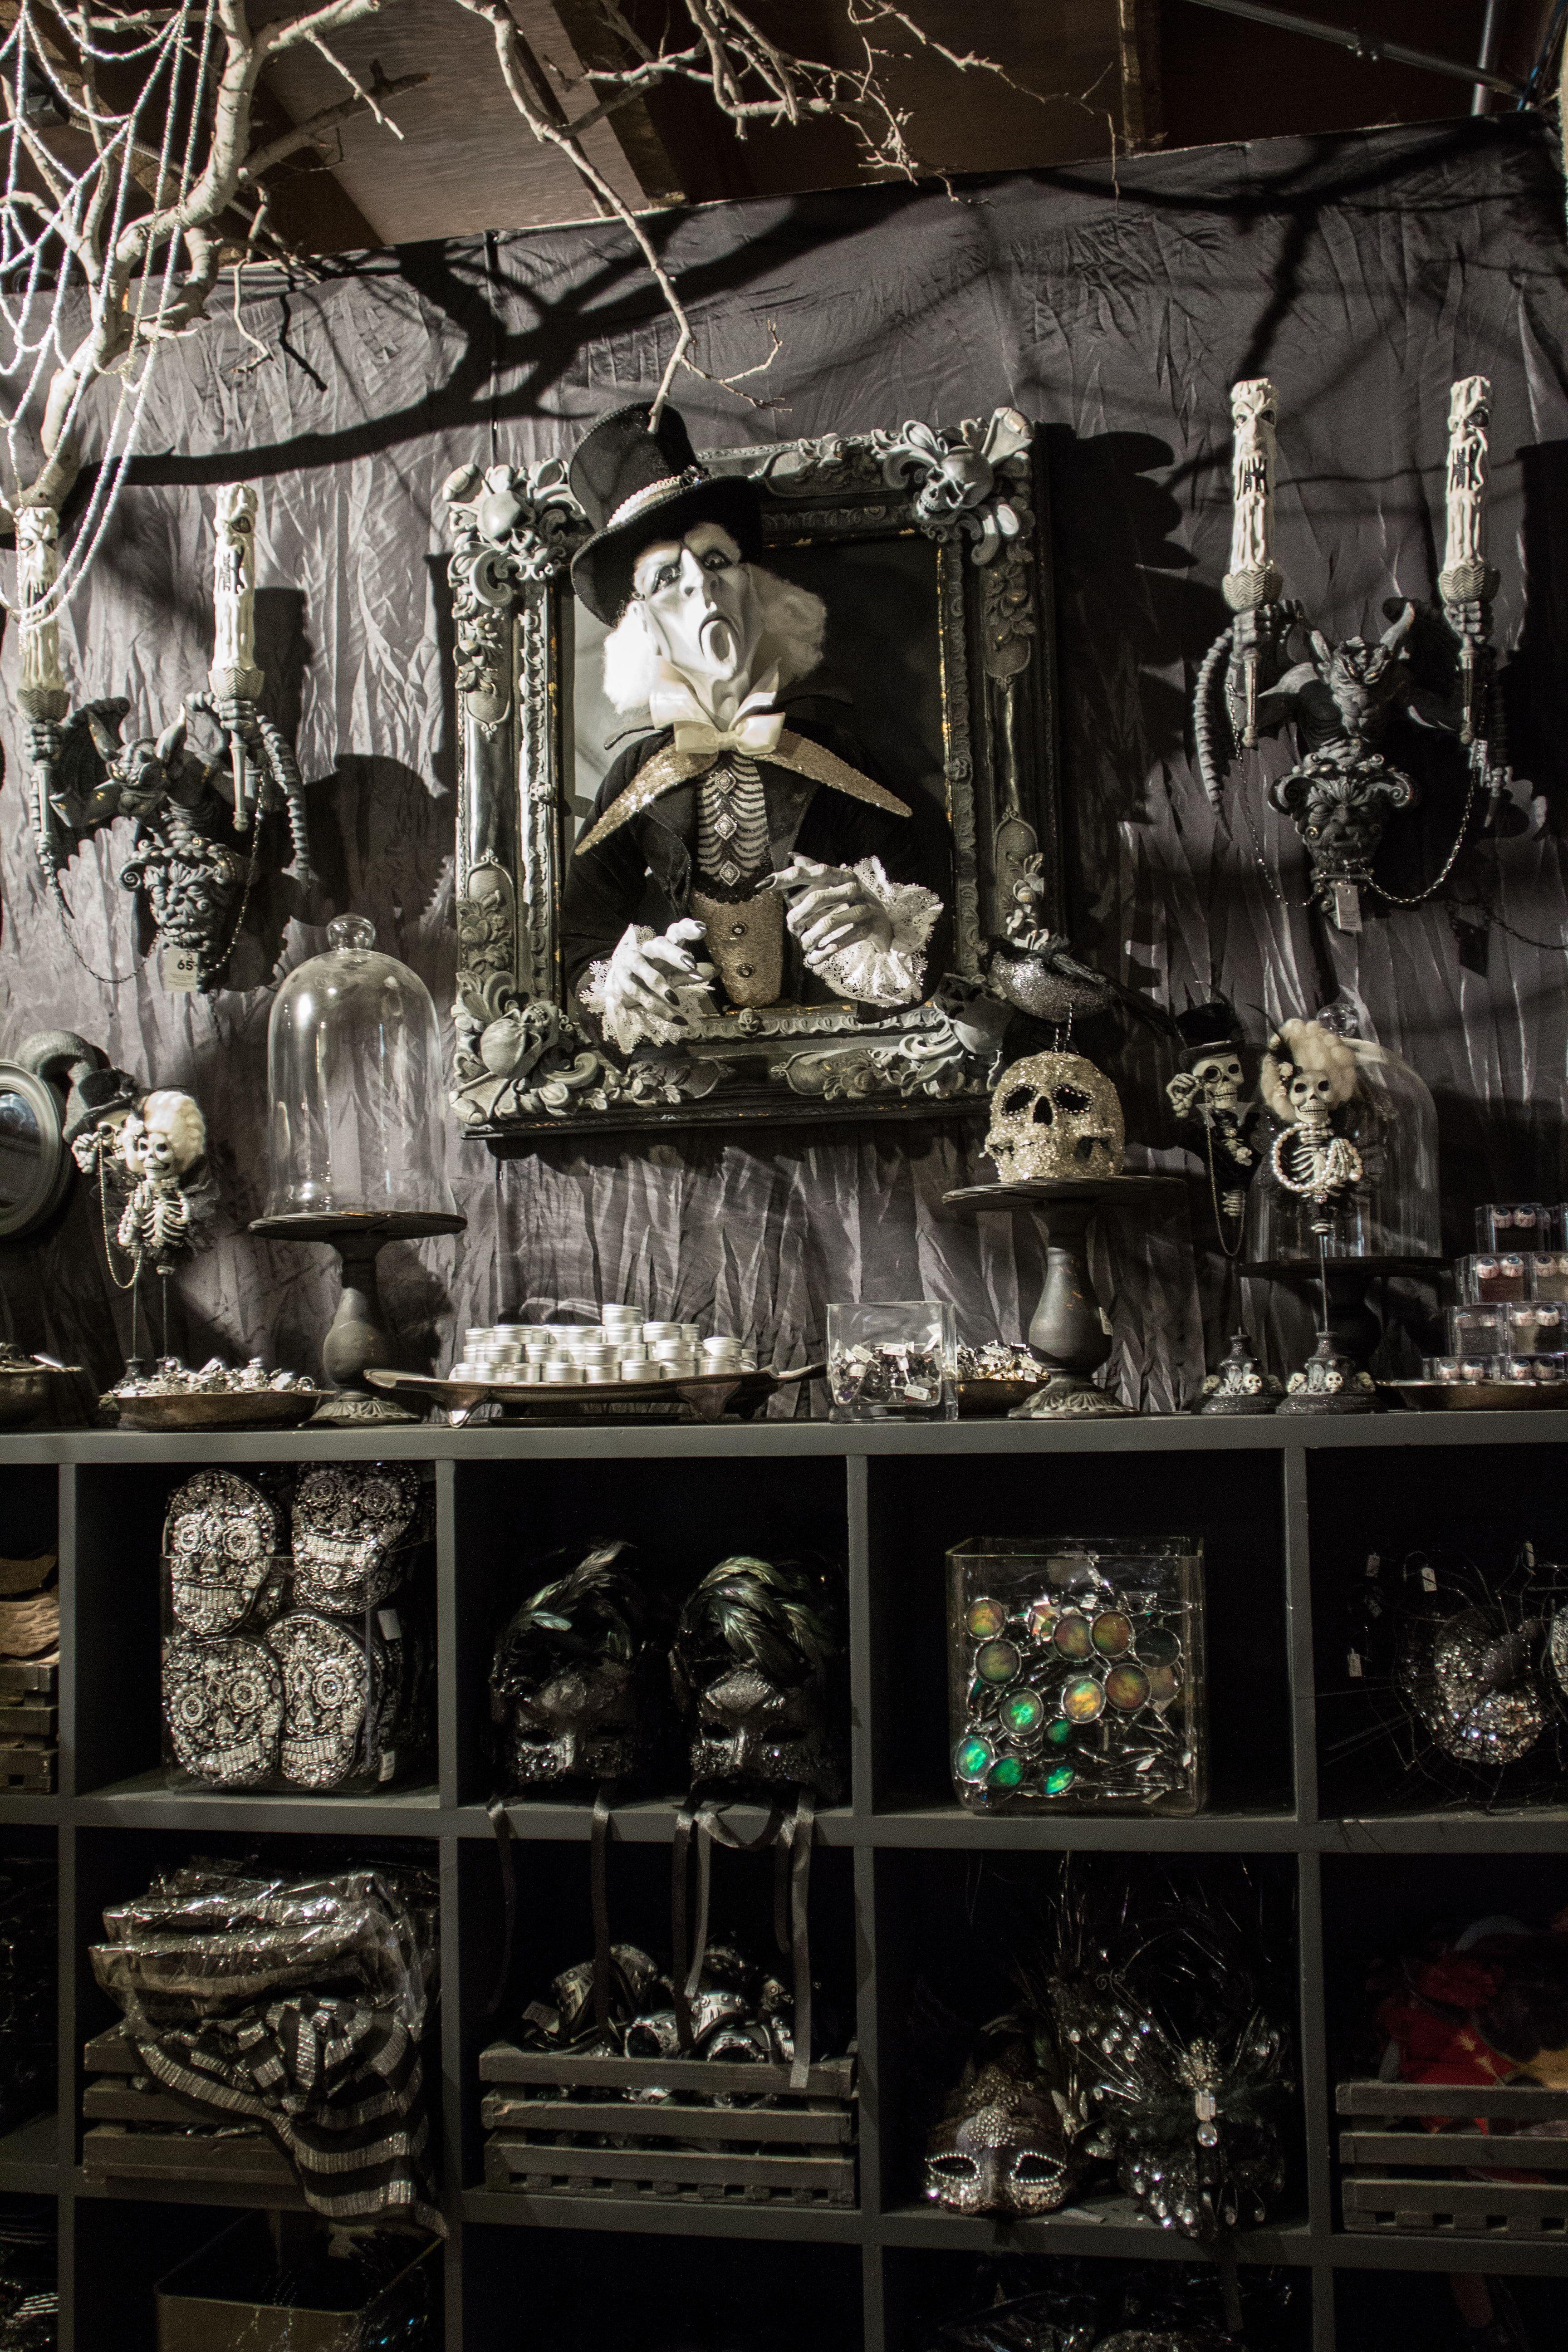 rogers gardens halloween 2016 - Haunted Halloween Decorations